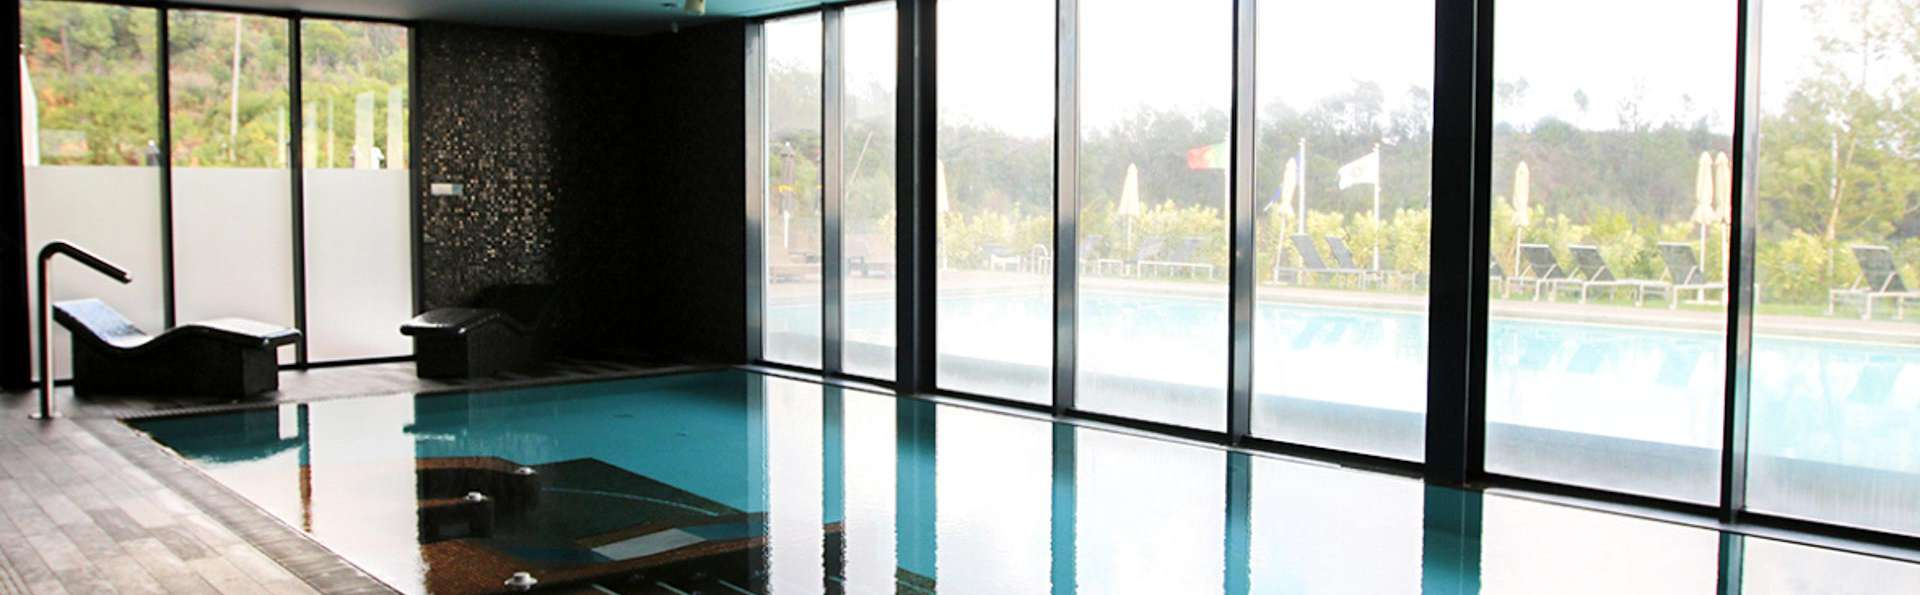 Especial Lujo y Relax: con Cena, acceso al Spa y clases Fitness en el Algarve (desde 3 noches)